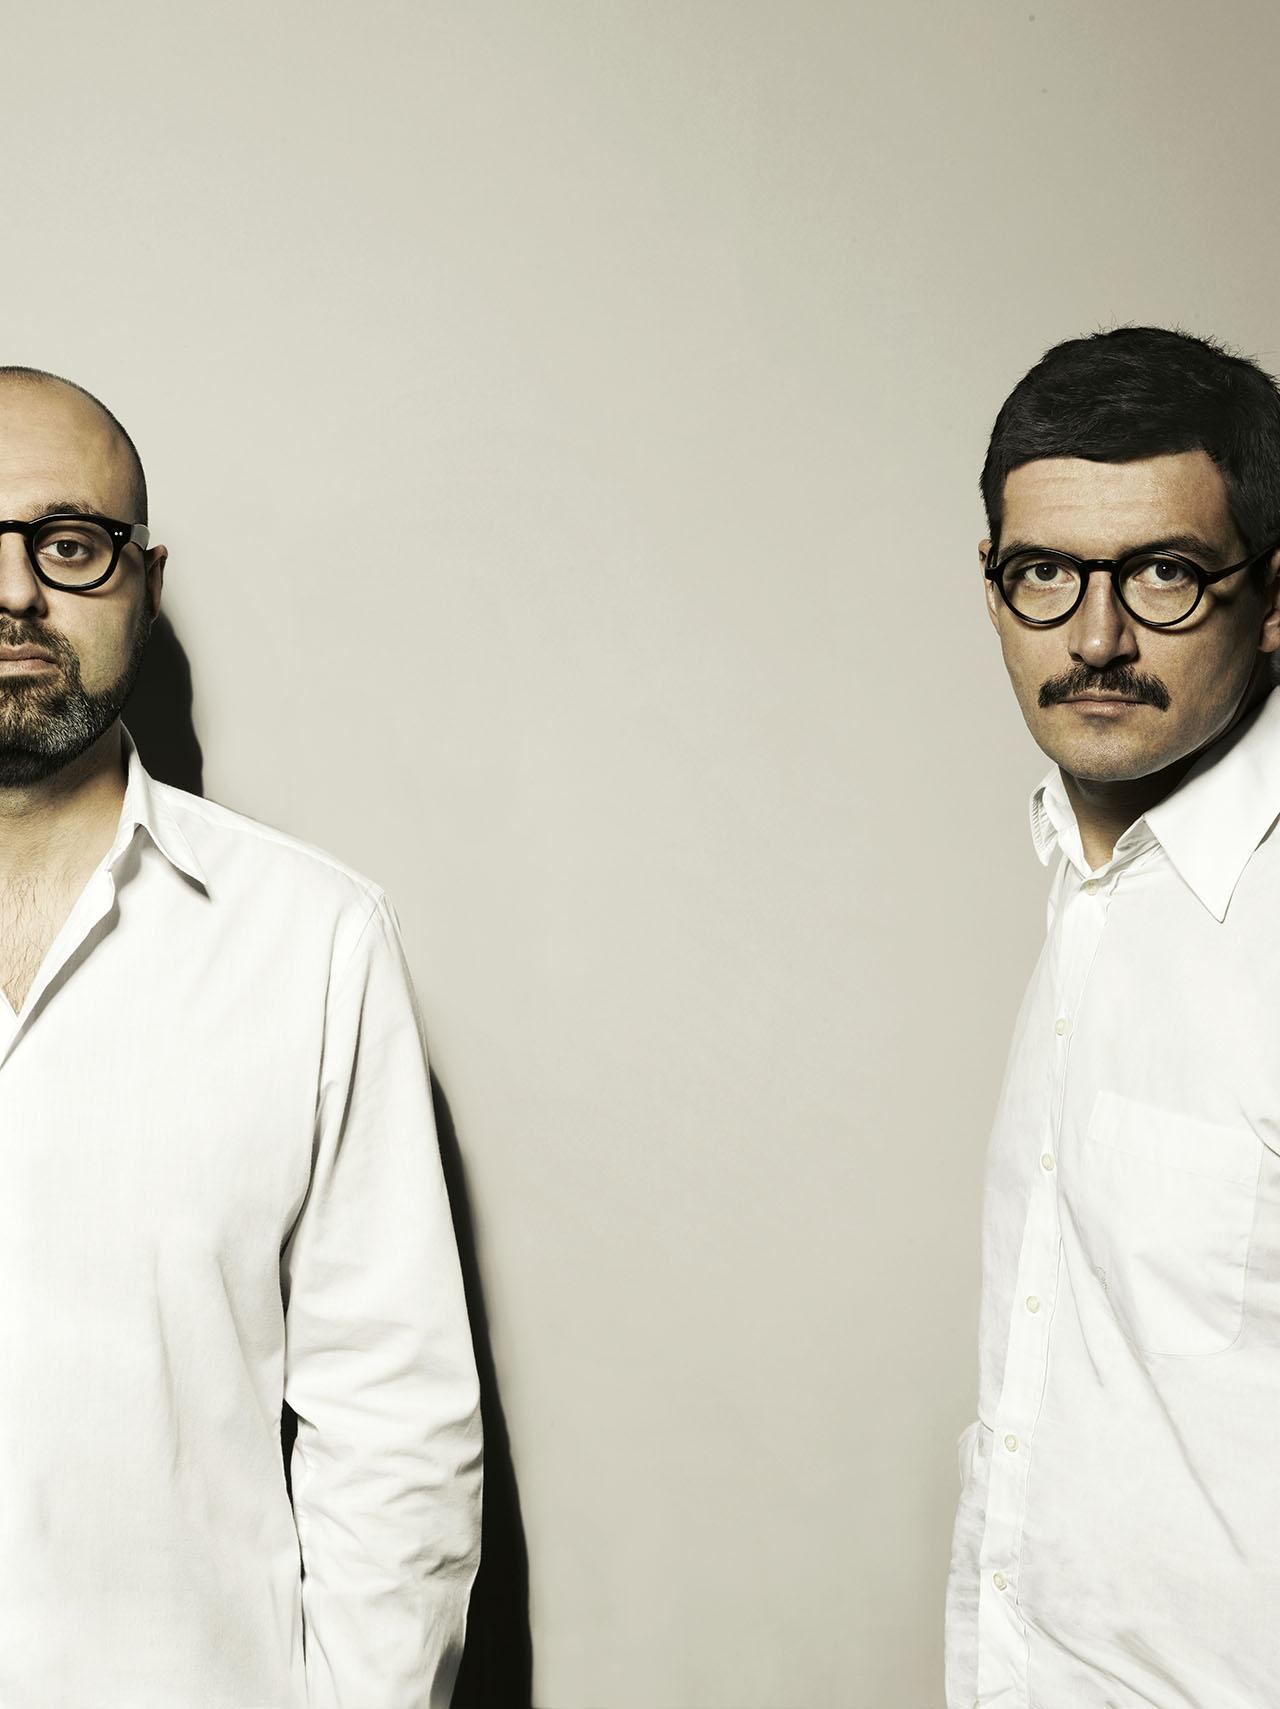 Fabio Calvi (right) and Paolo Brambilla (left). Photo by Tommaso Sartori.